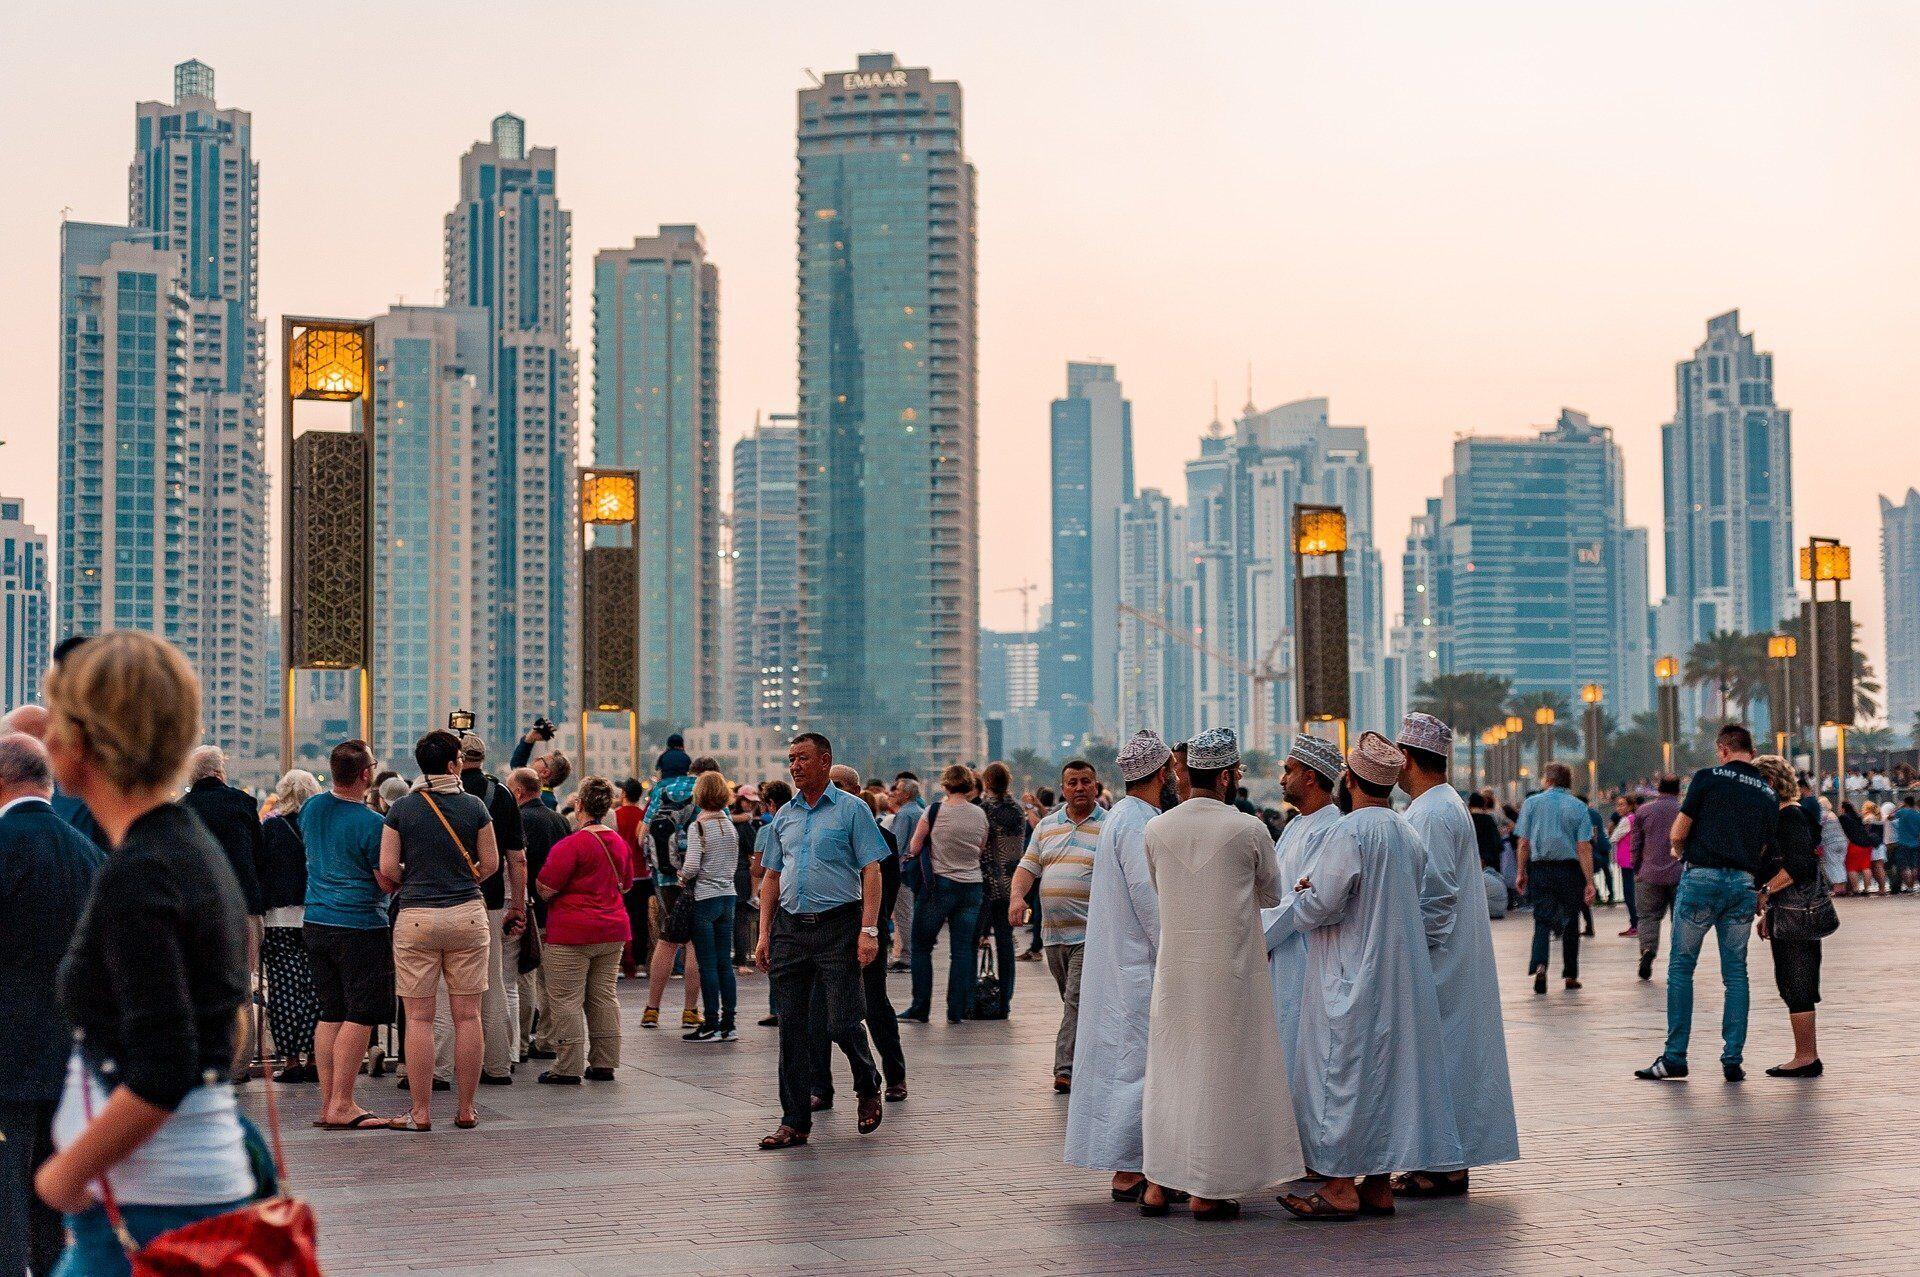 В ОАЭ очень много эмигрантов, в том числе, и граждан из Индии и Азии